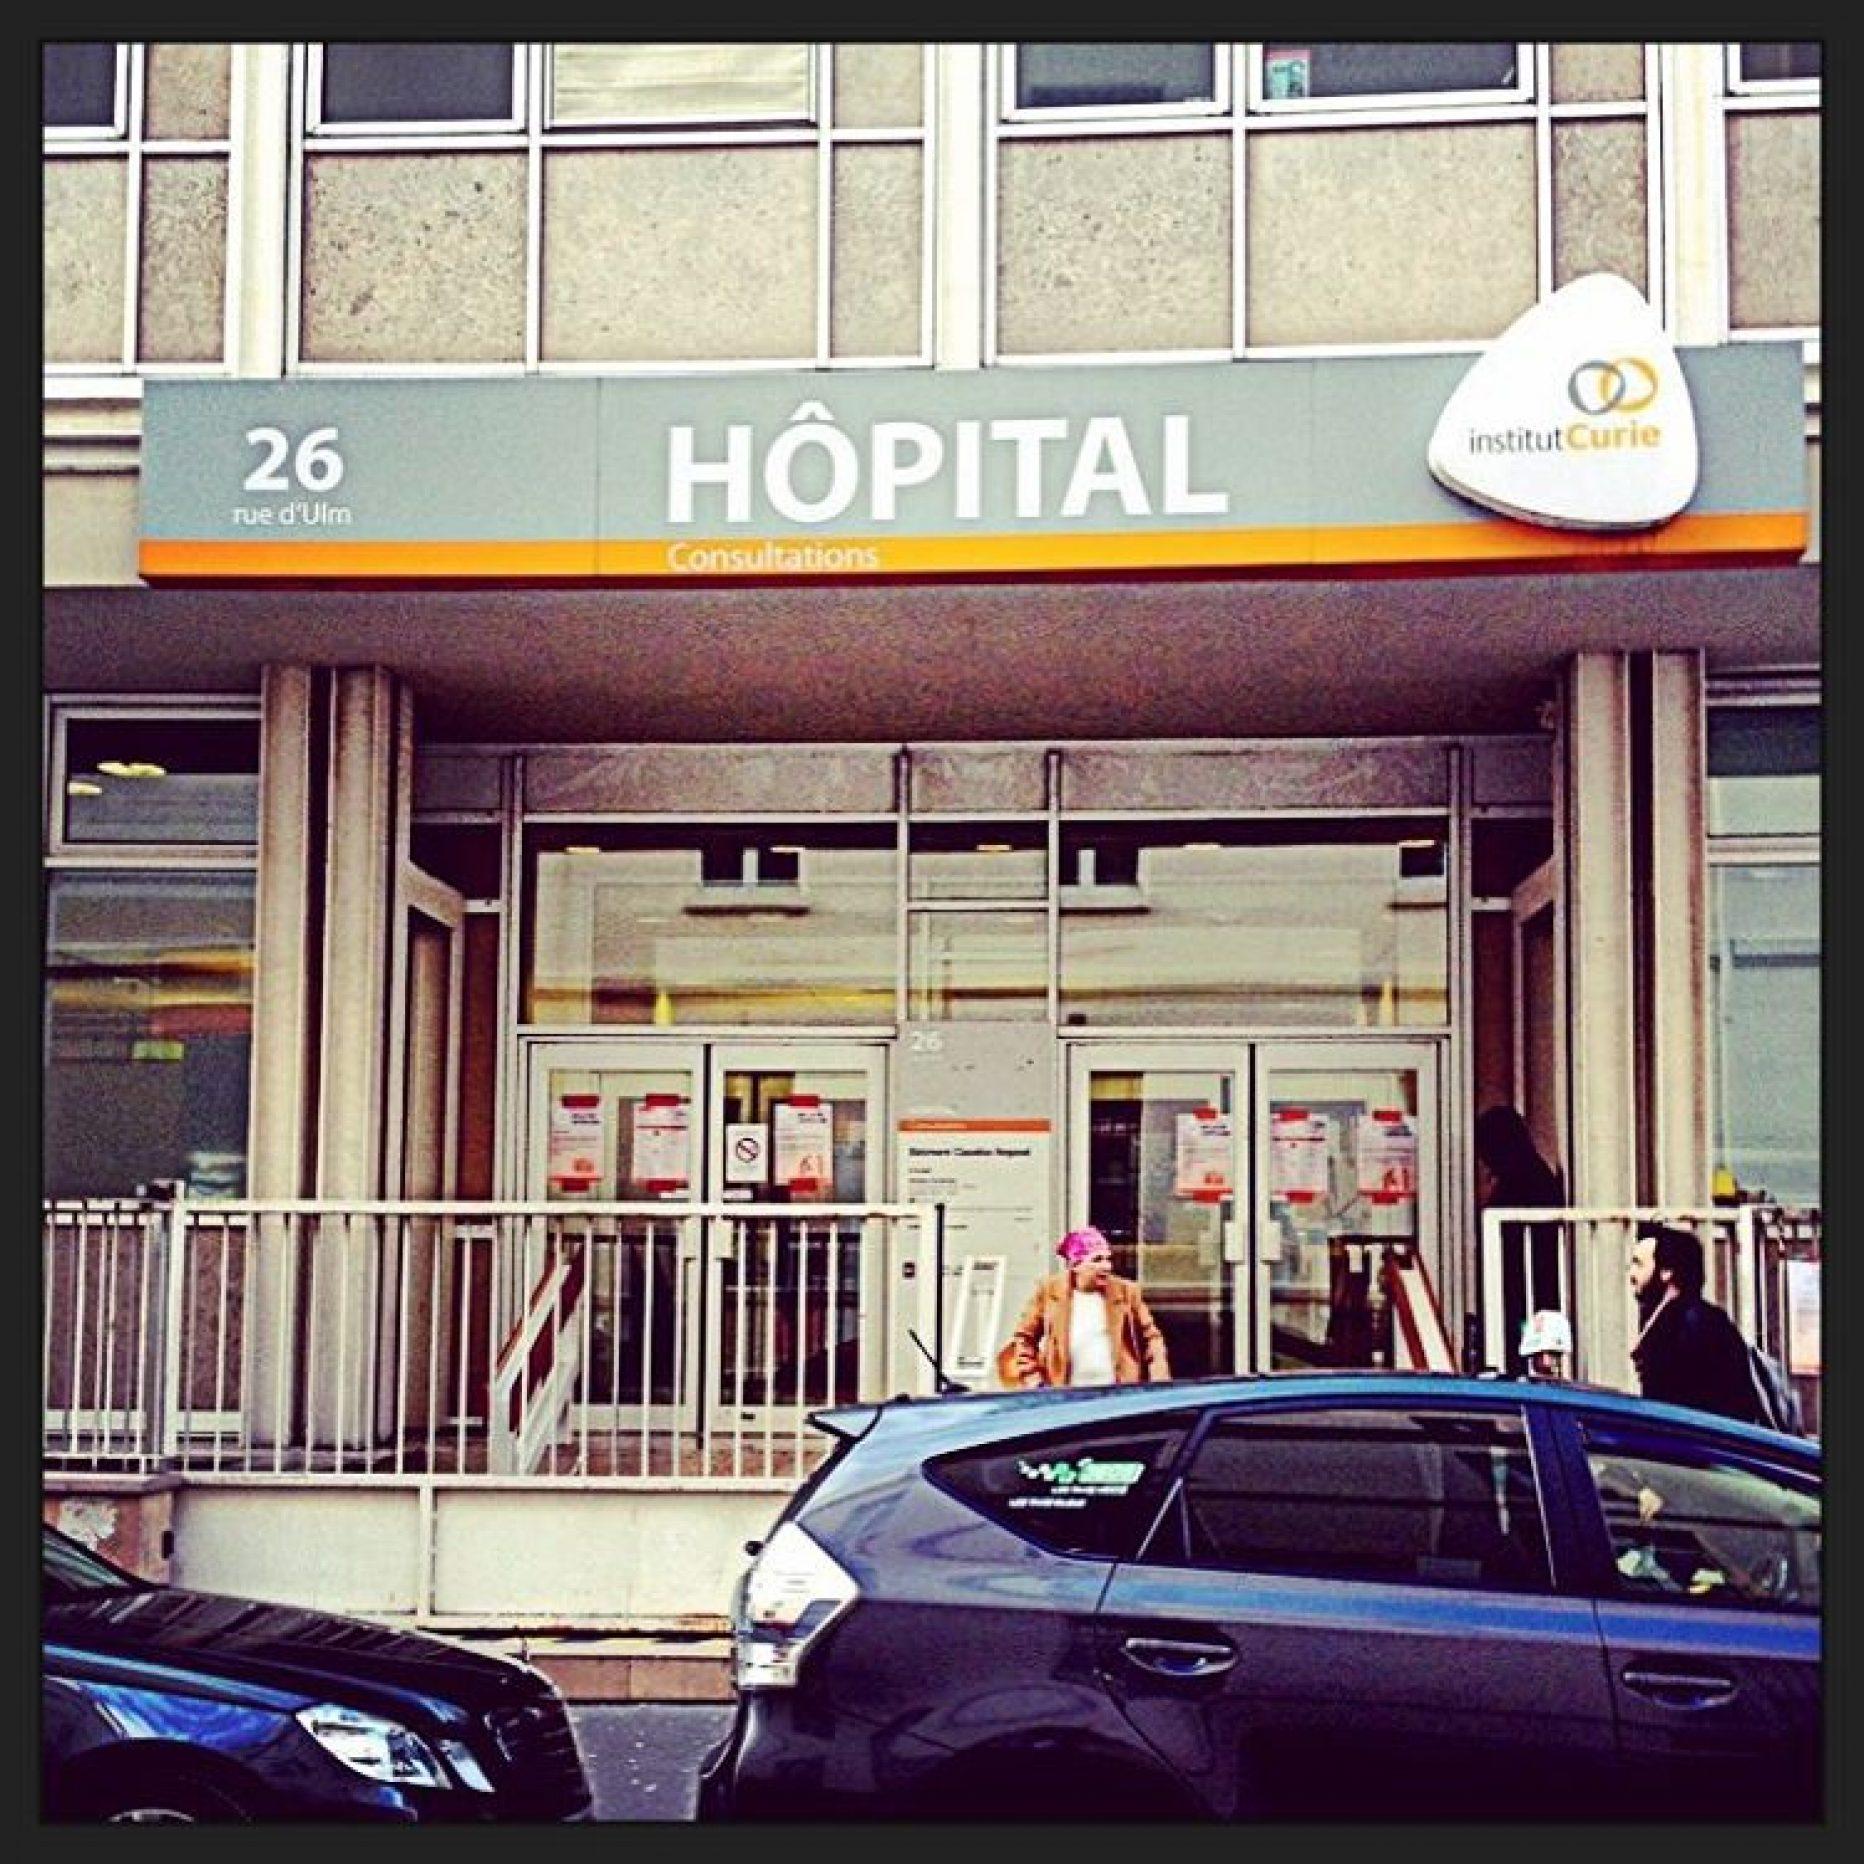 Hôpital Institut Curie